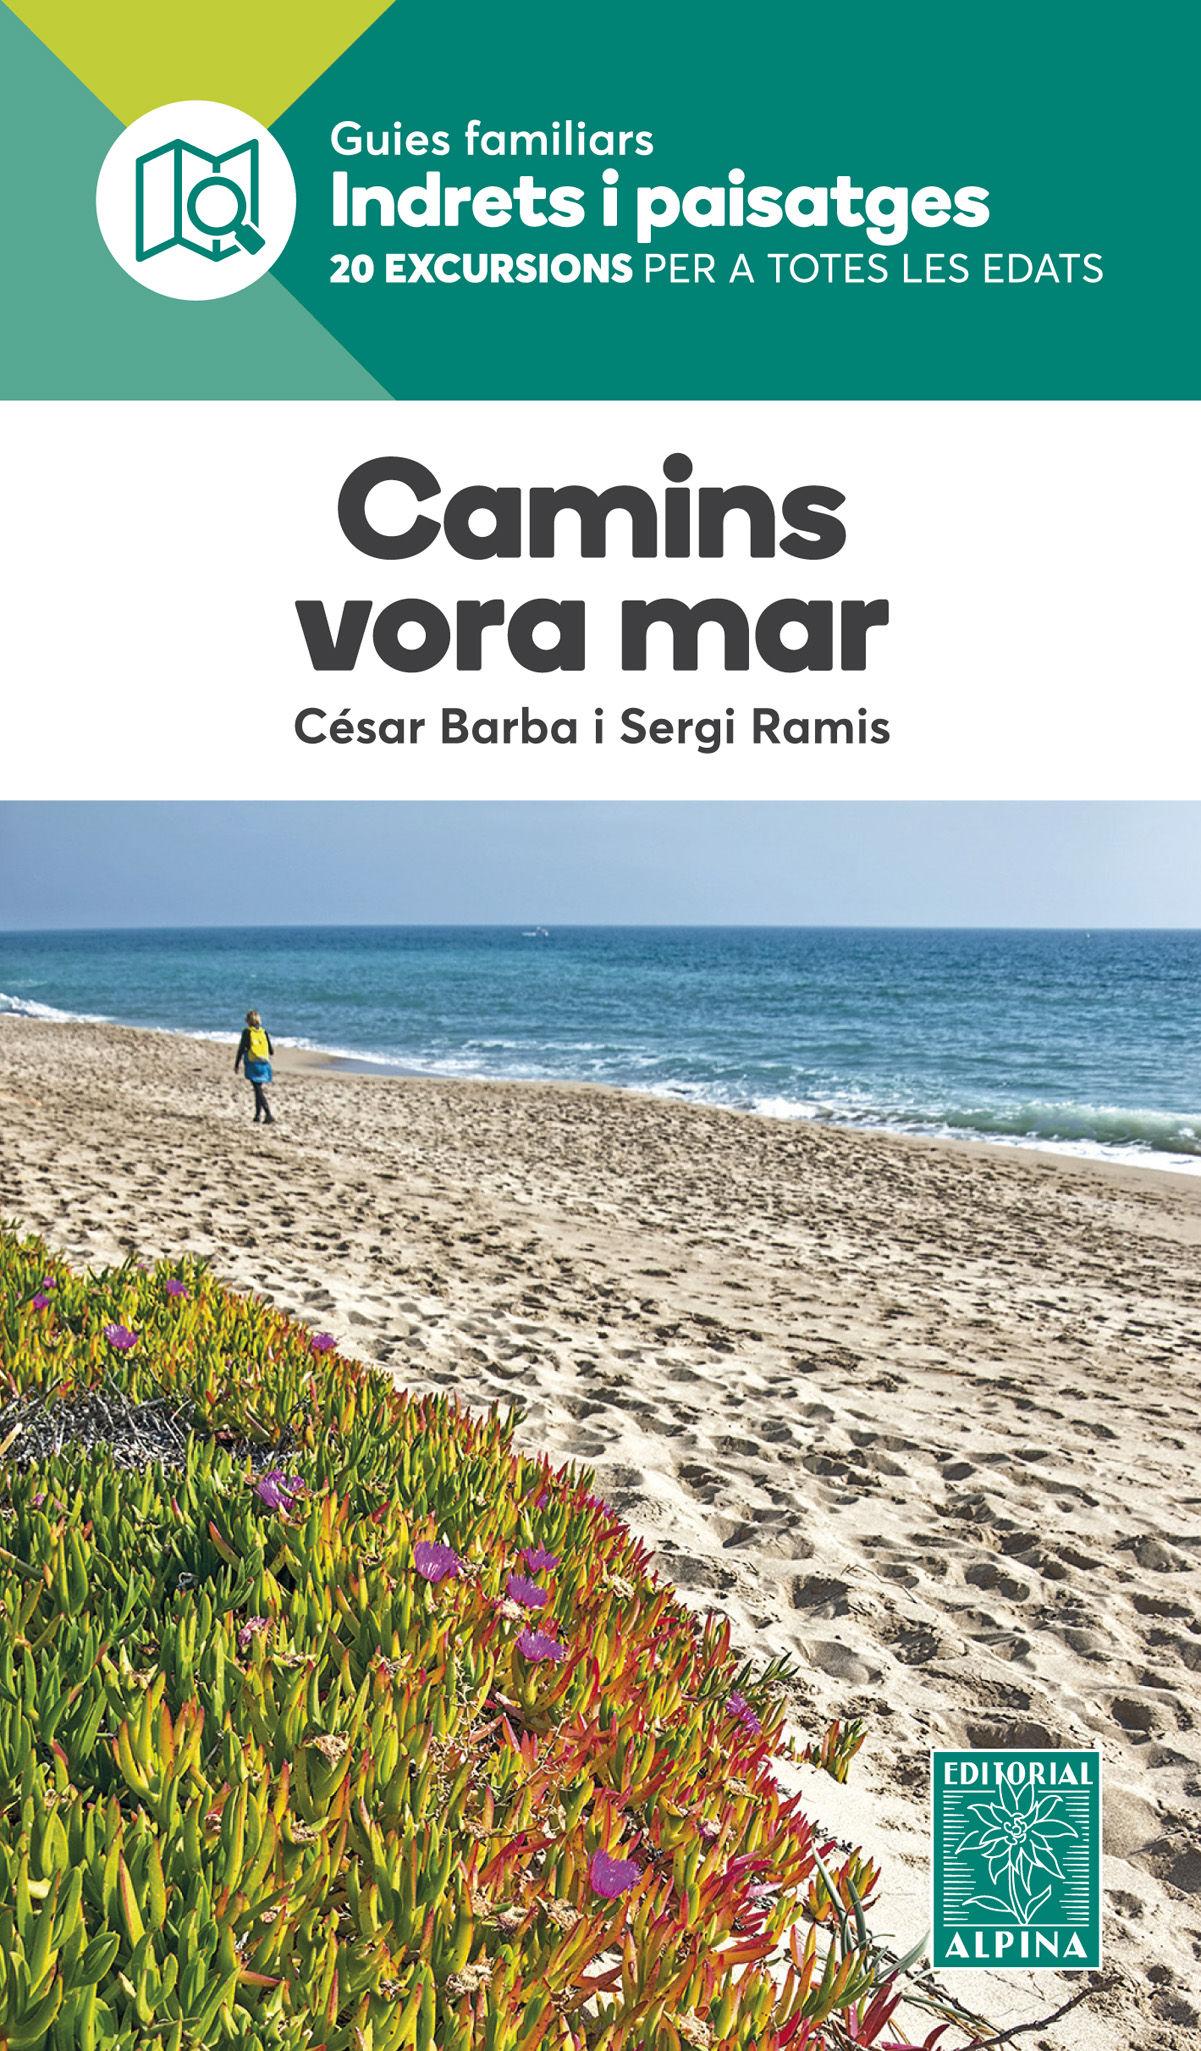 CAMINS VORA EL MAR -ALPINA